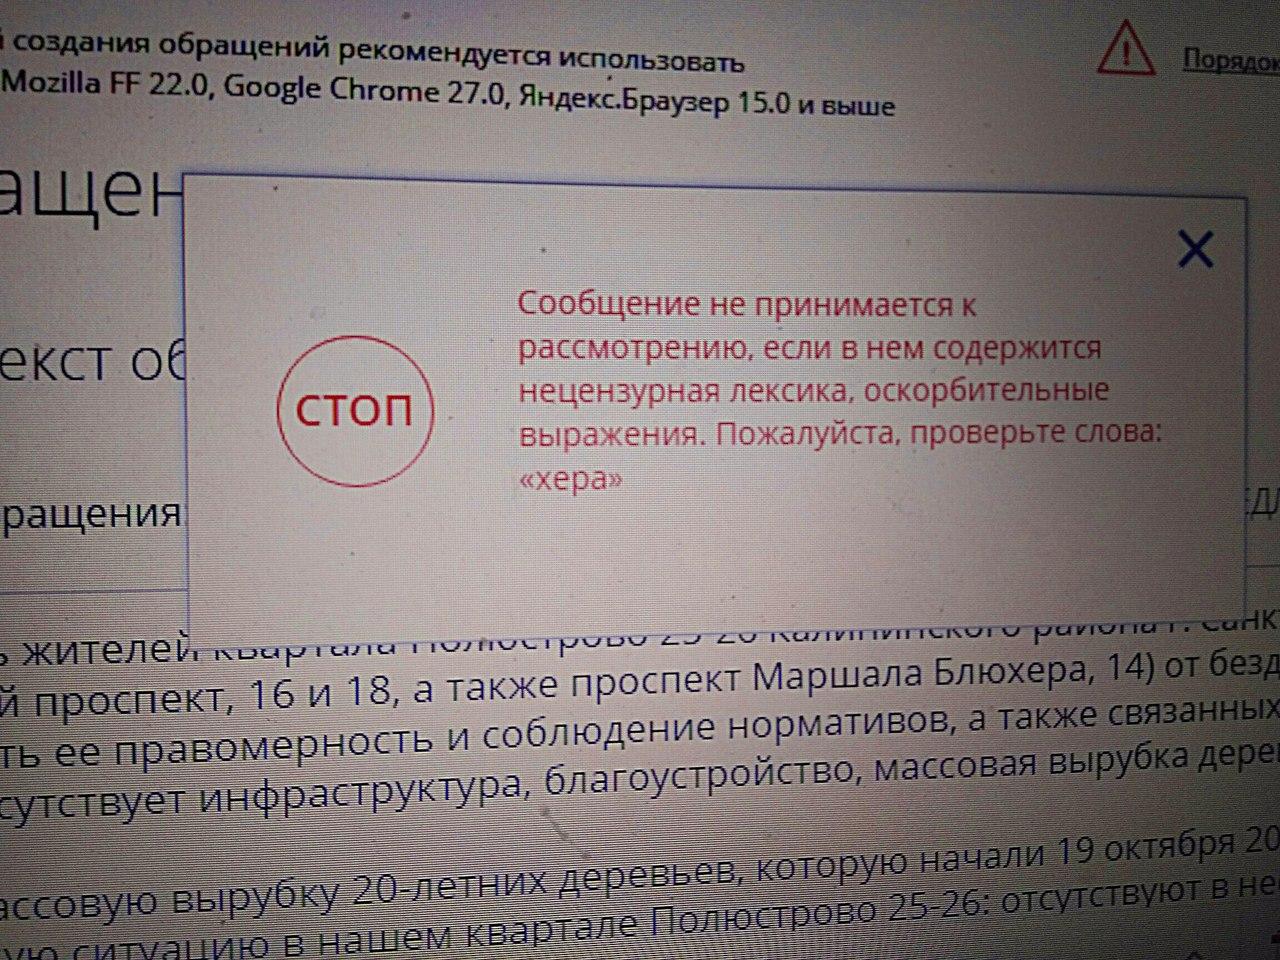 Сайт Госдумы расценил фамилию советского маршала Блюхера как ругательство